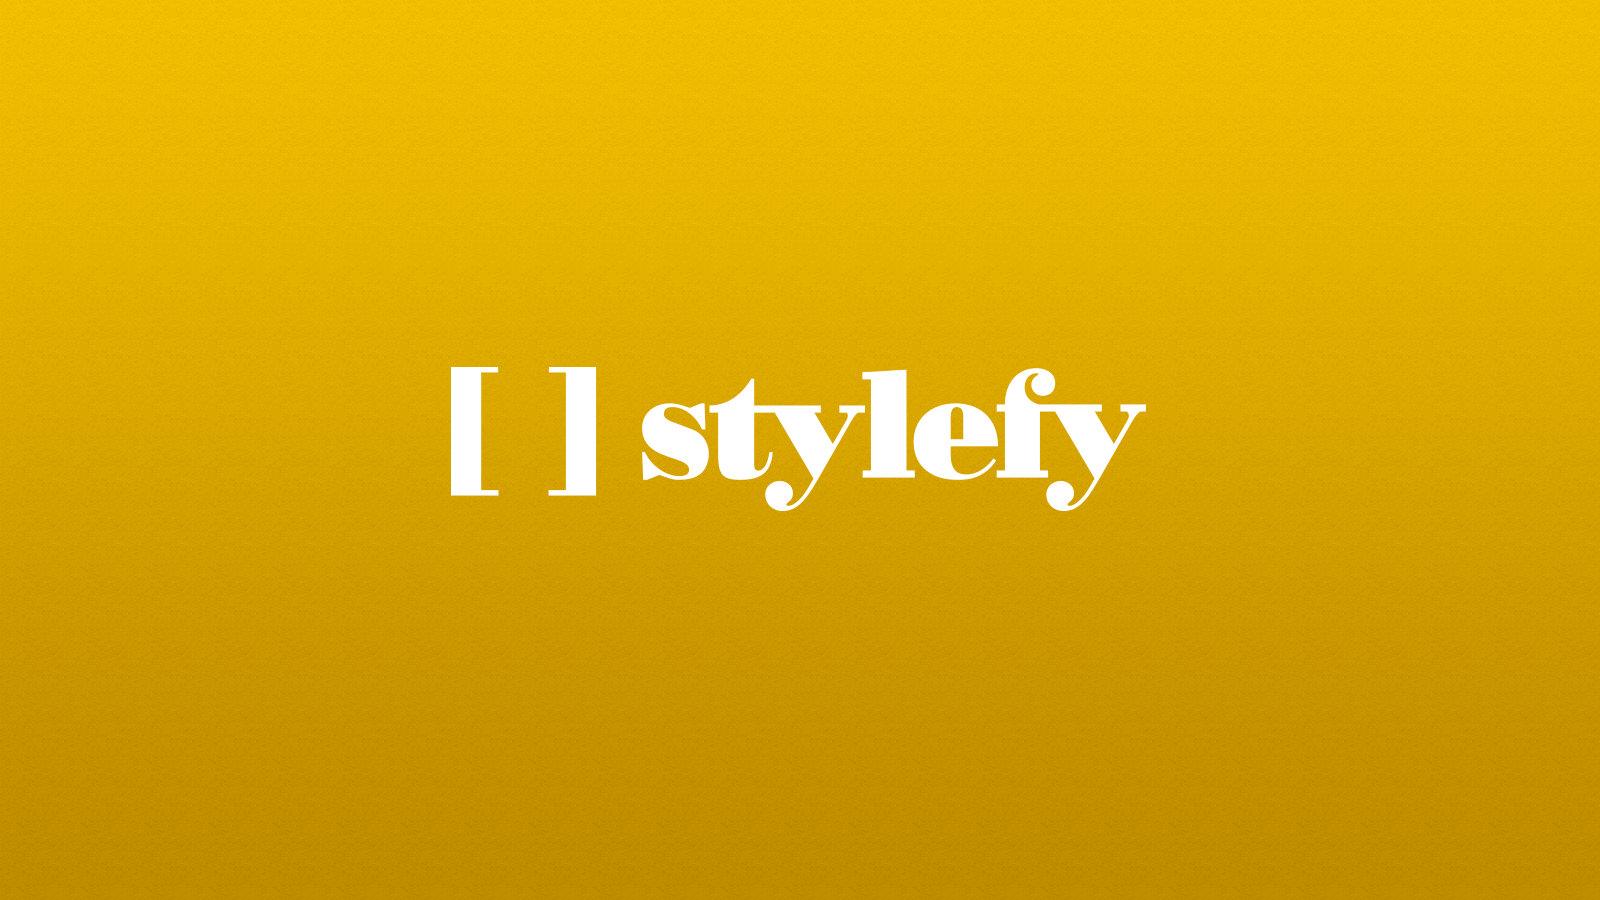 stylefy.jpg